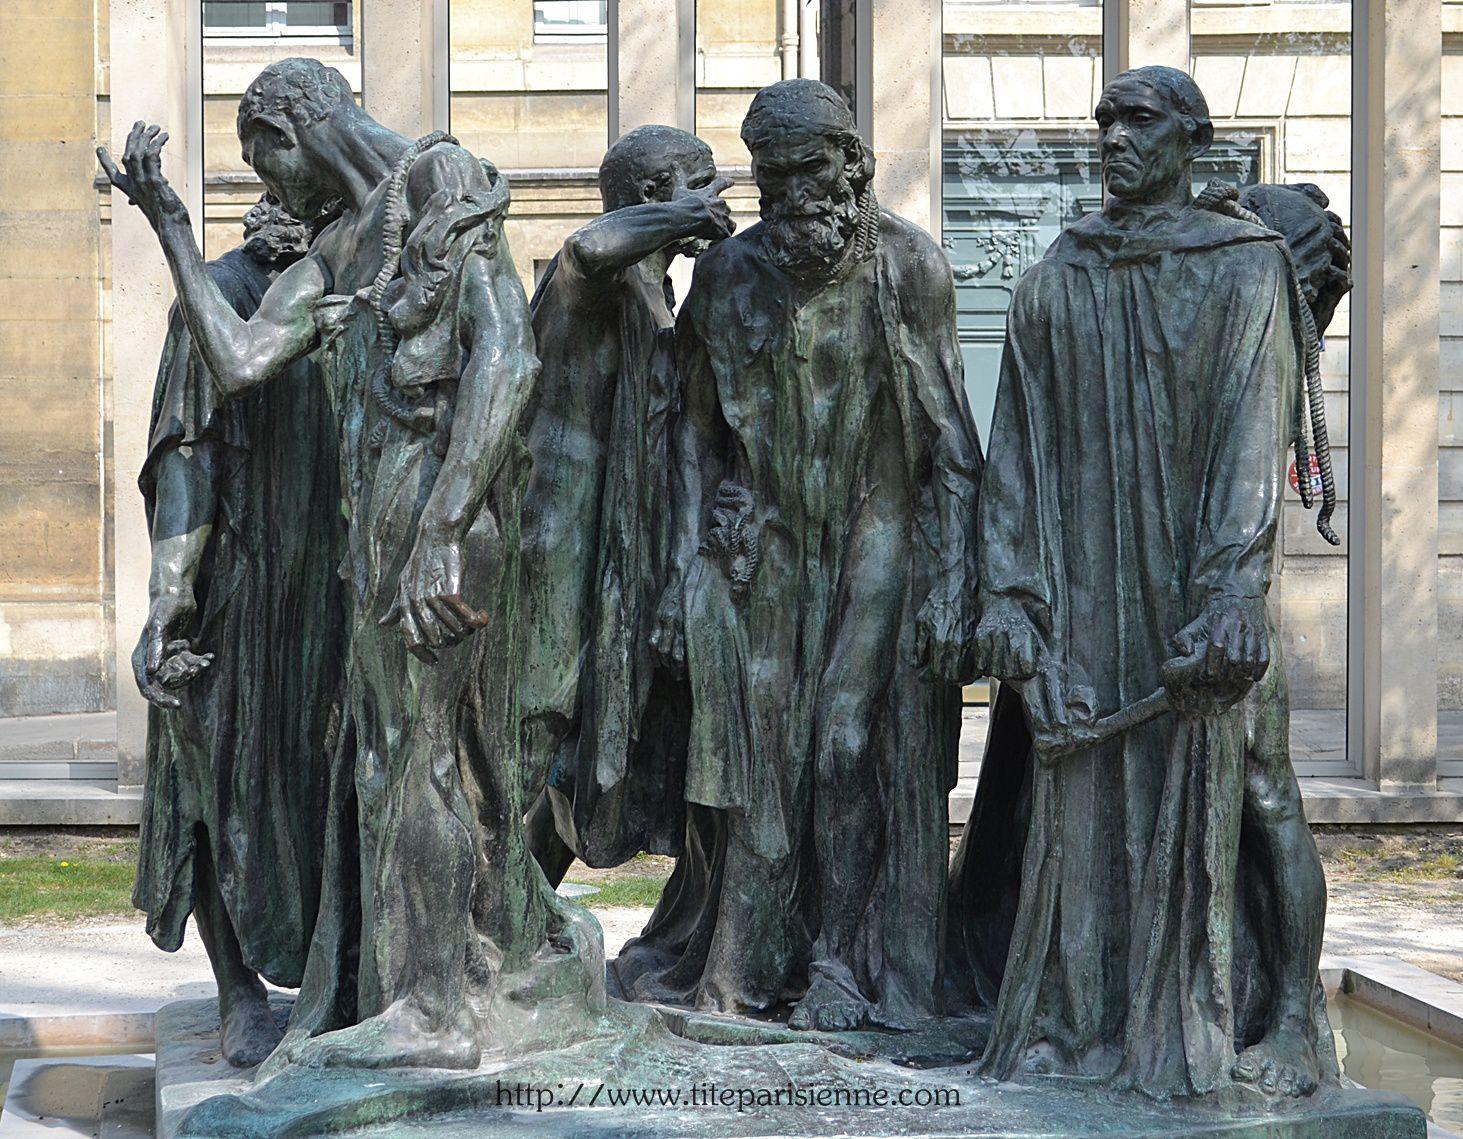 Que faites vous ici? (par GG) - Page 2 19-avril-2012-Sculptures-musee-Rodin-1